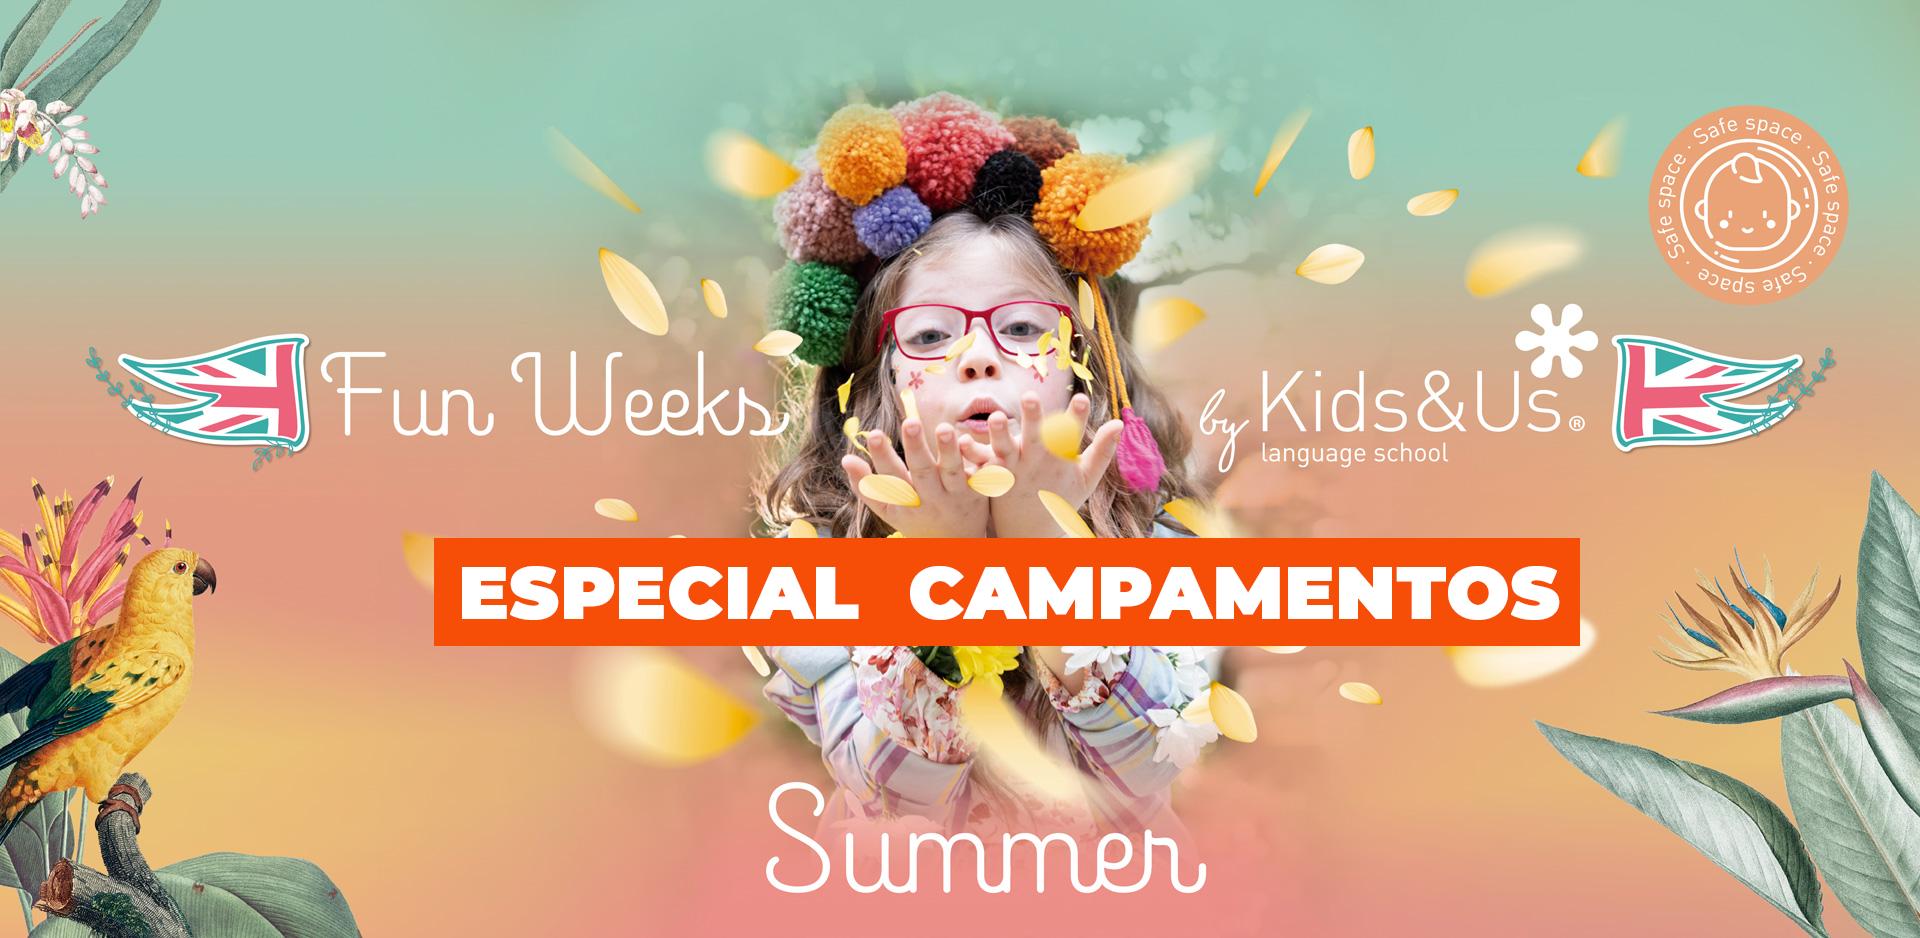 campamentos de verano kid and us